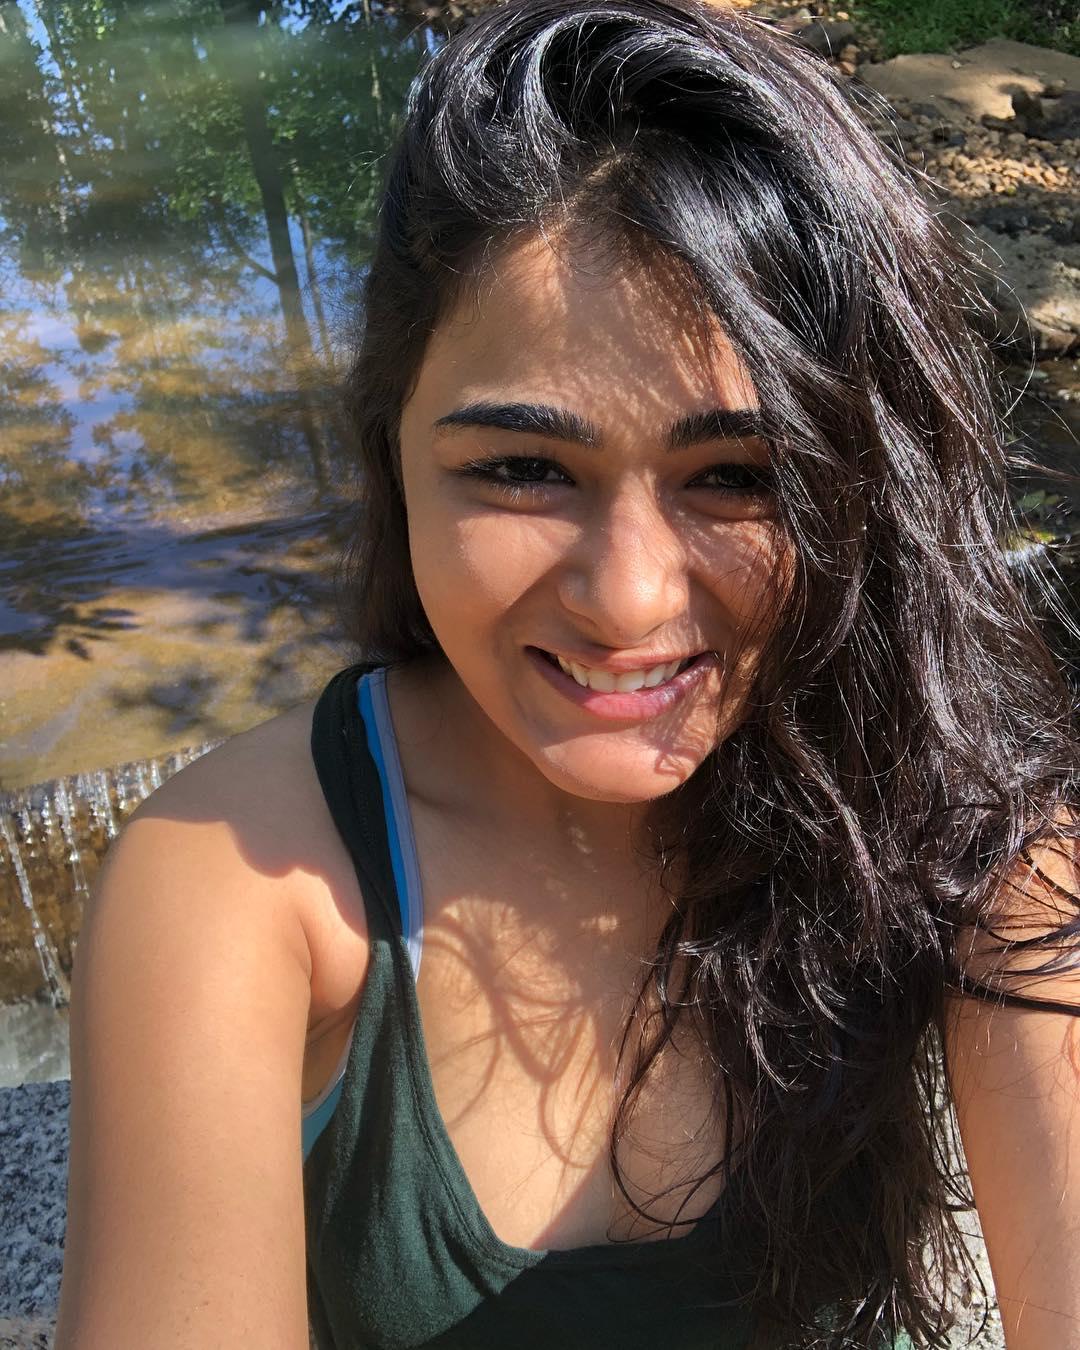 షాలిని పాండే హాట్ ఫోటోస్ Photo: Instagram/shalzp